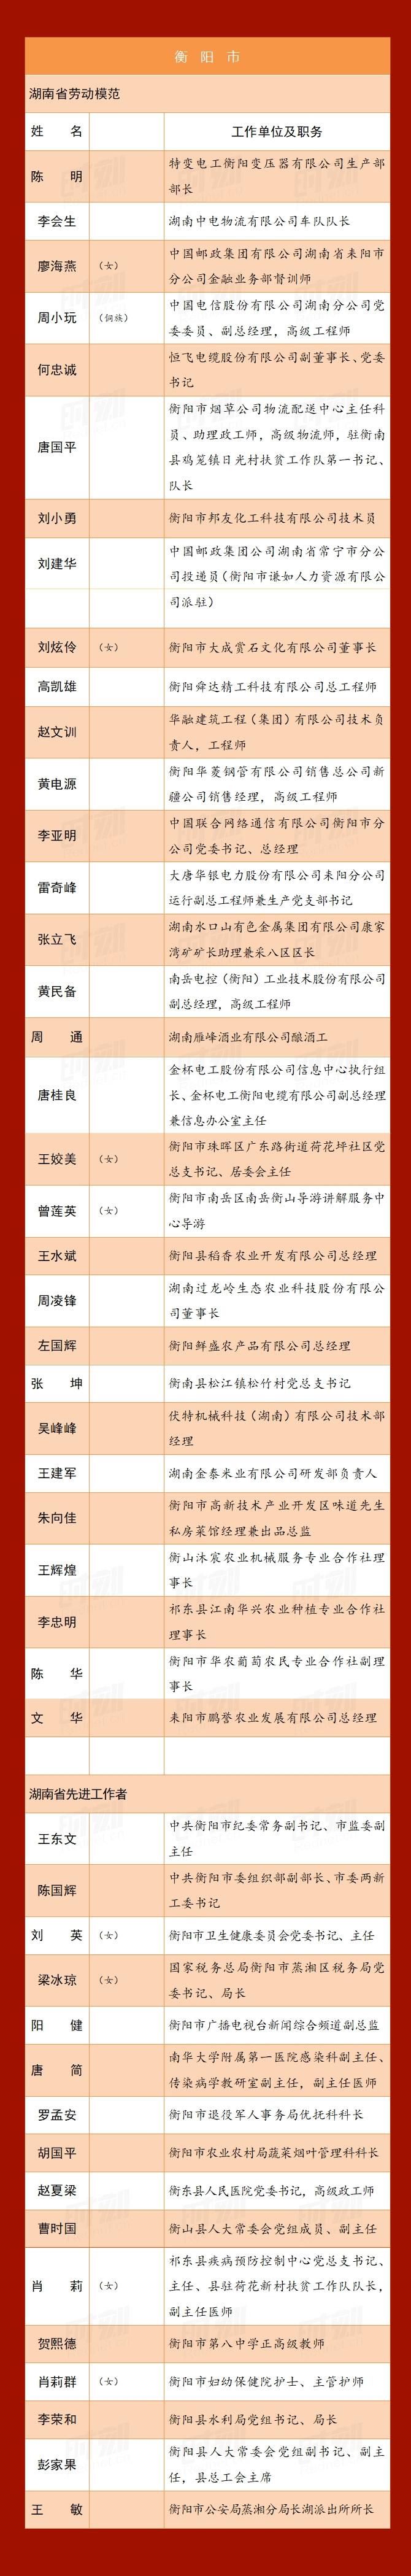 a2衡阳_r1_c1.jpg